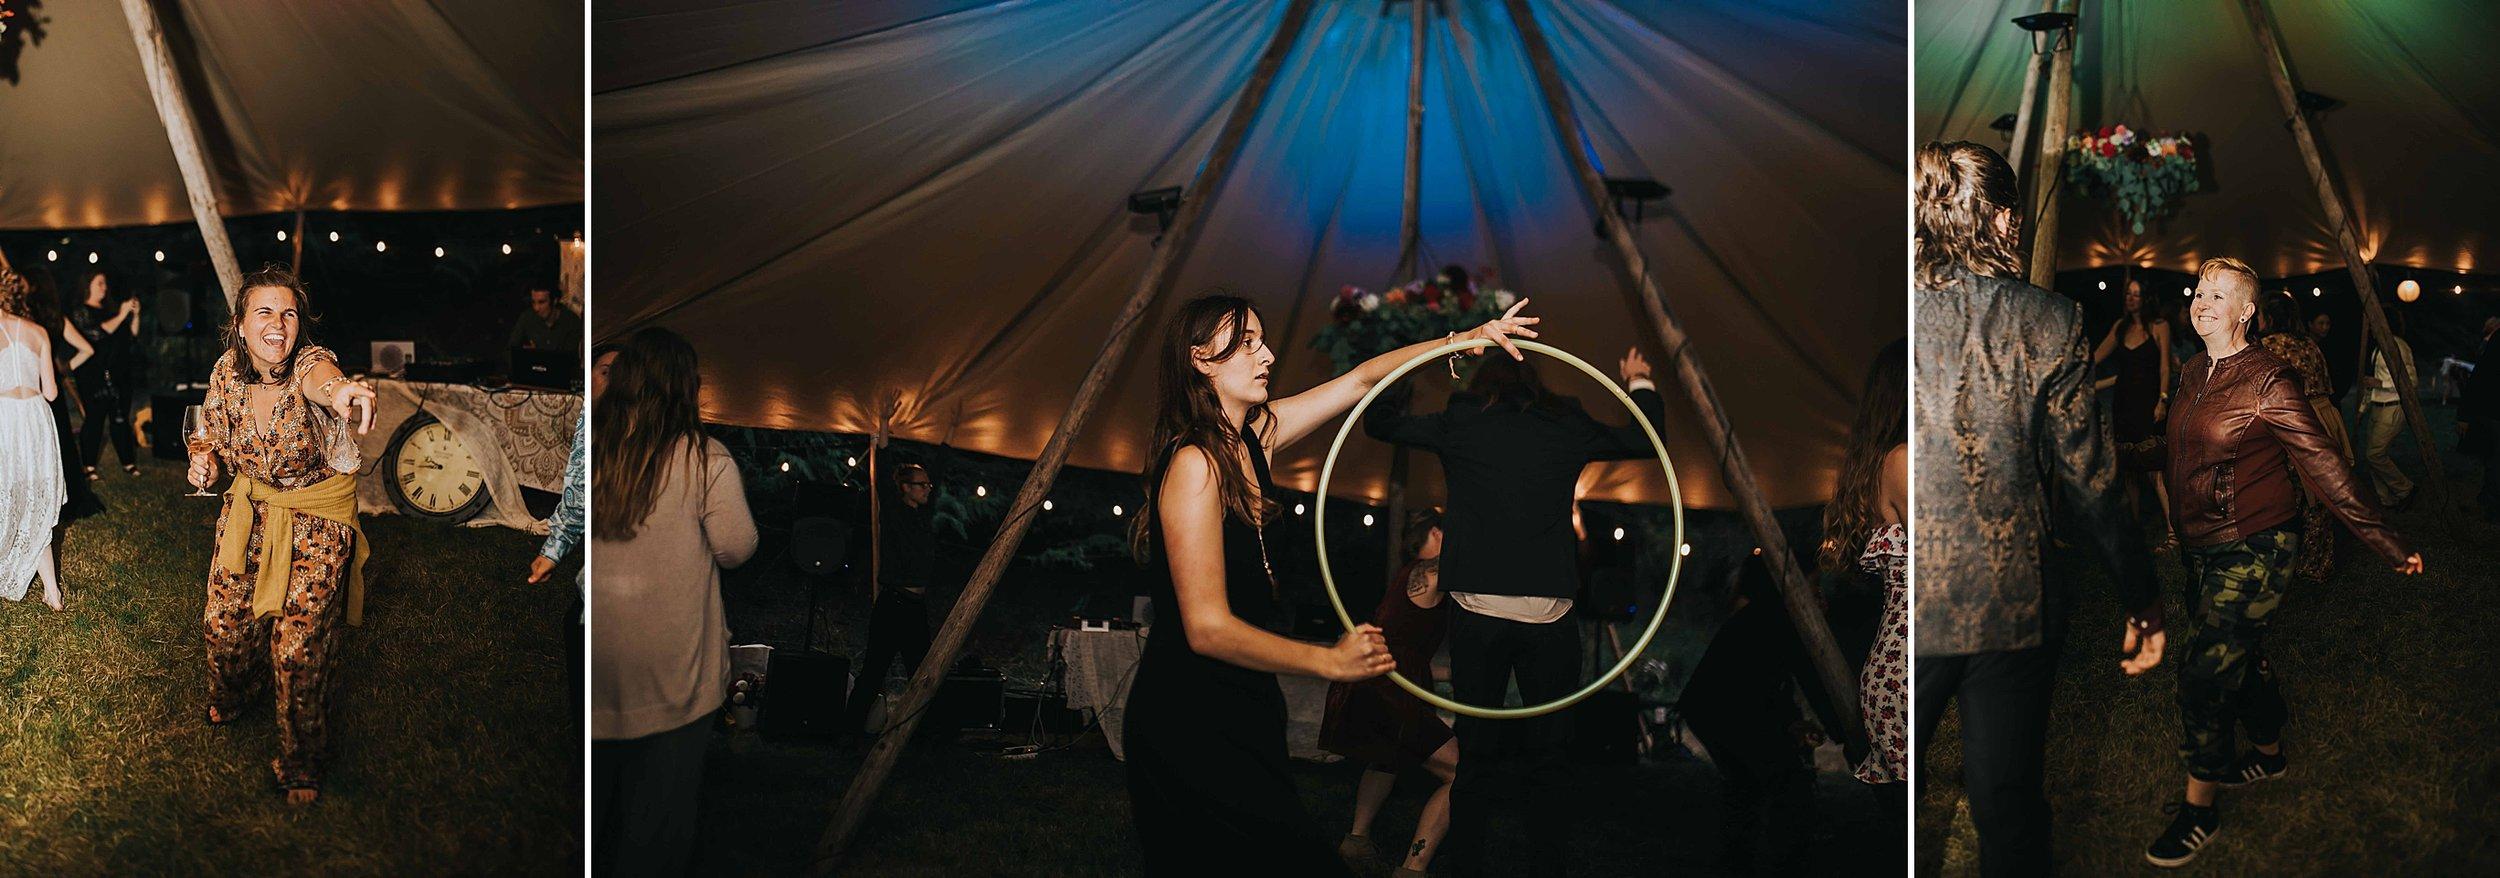 Orcas-Island-Wedding-photographer-J HODGES PHOTOGRAPHY_0384.jpg